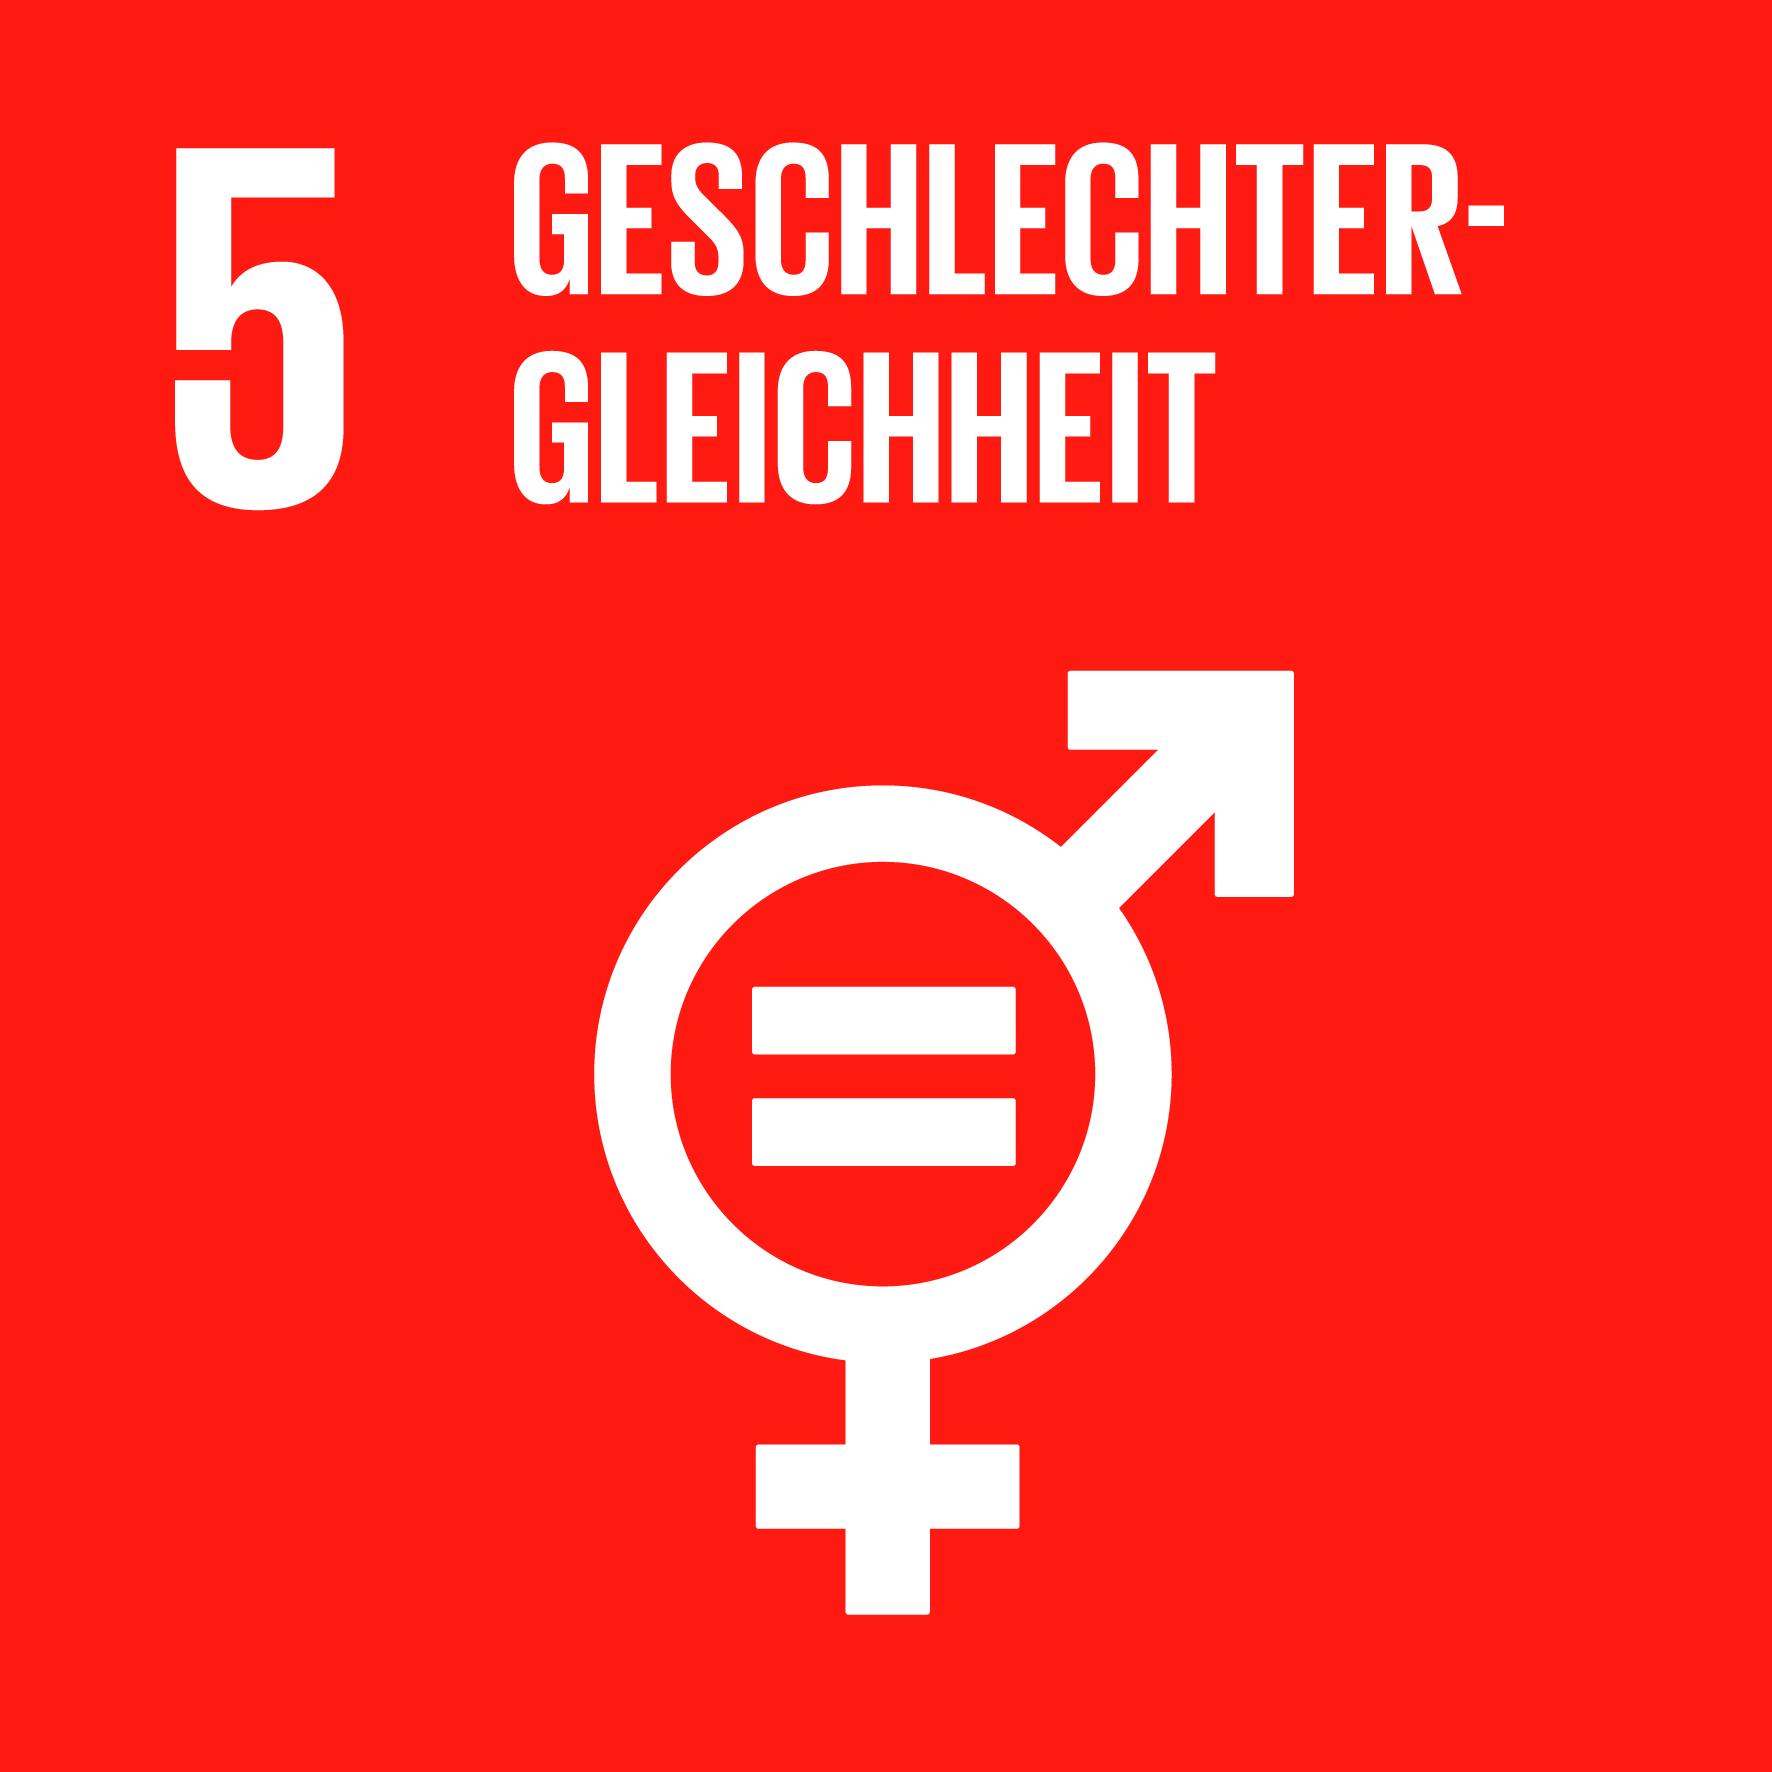 05 Geschlechter-Gleichheit